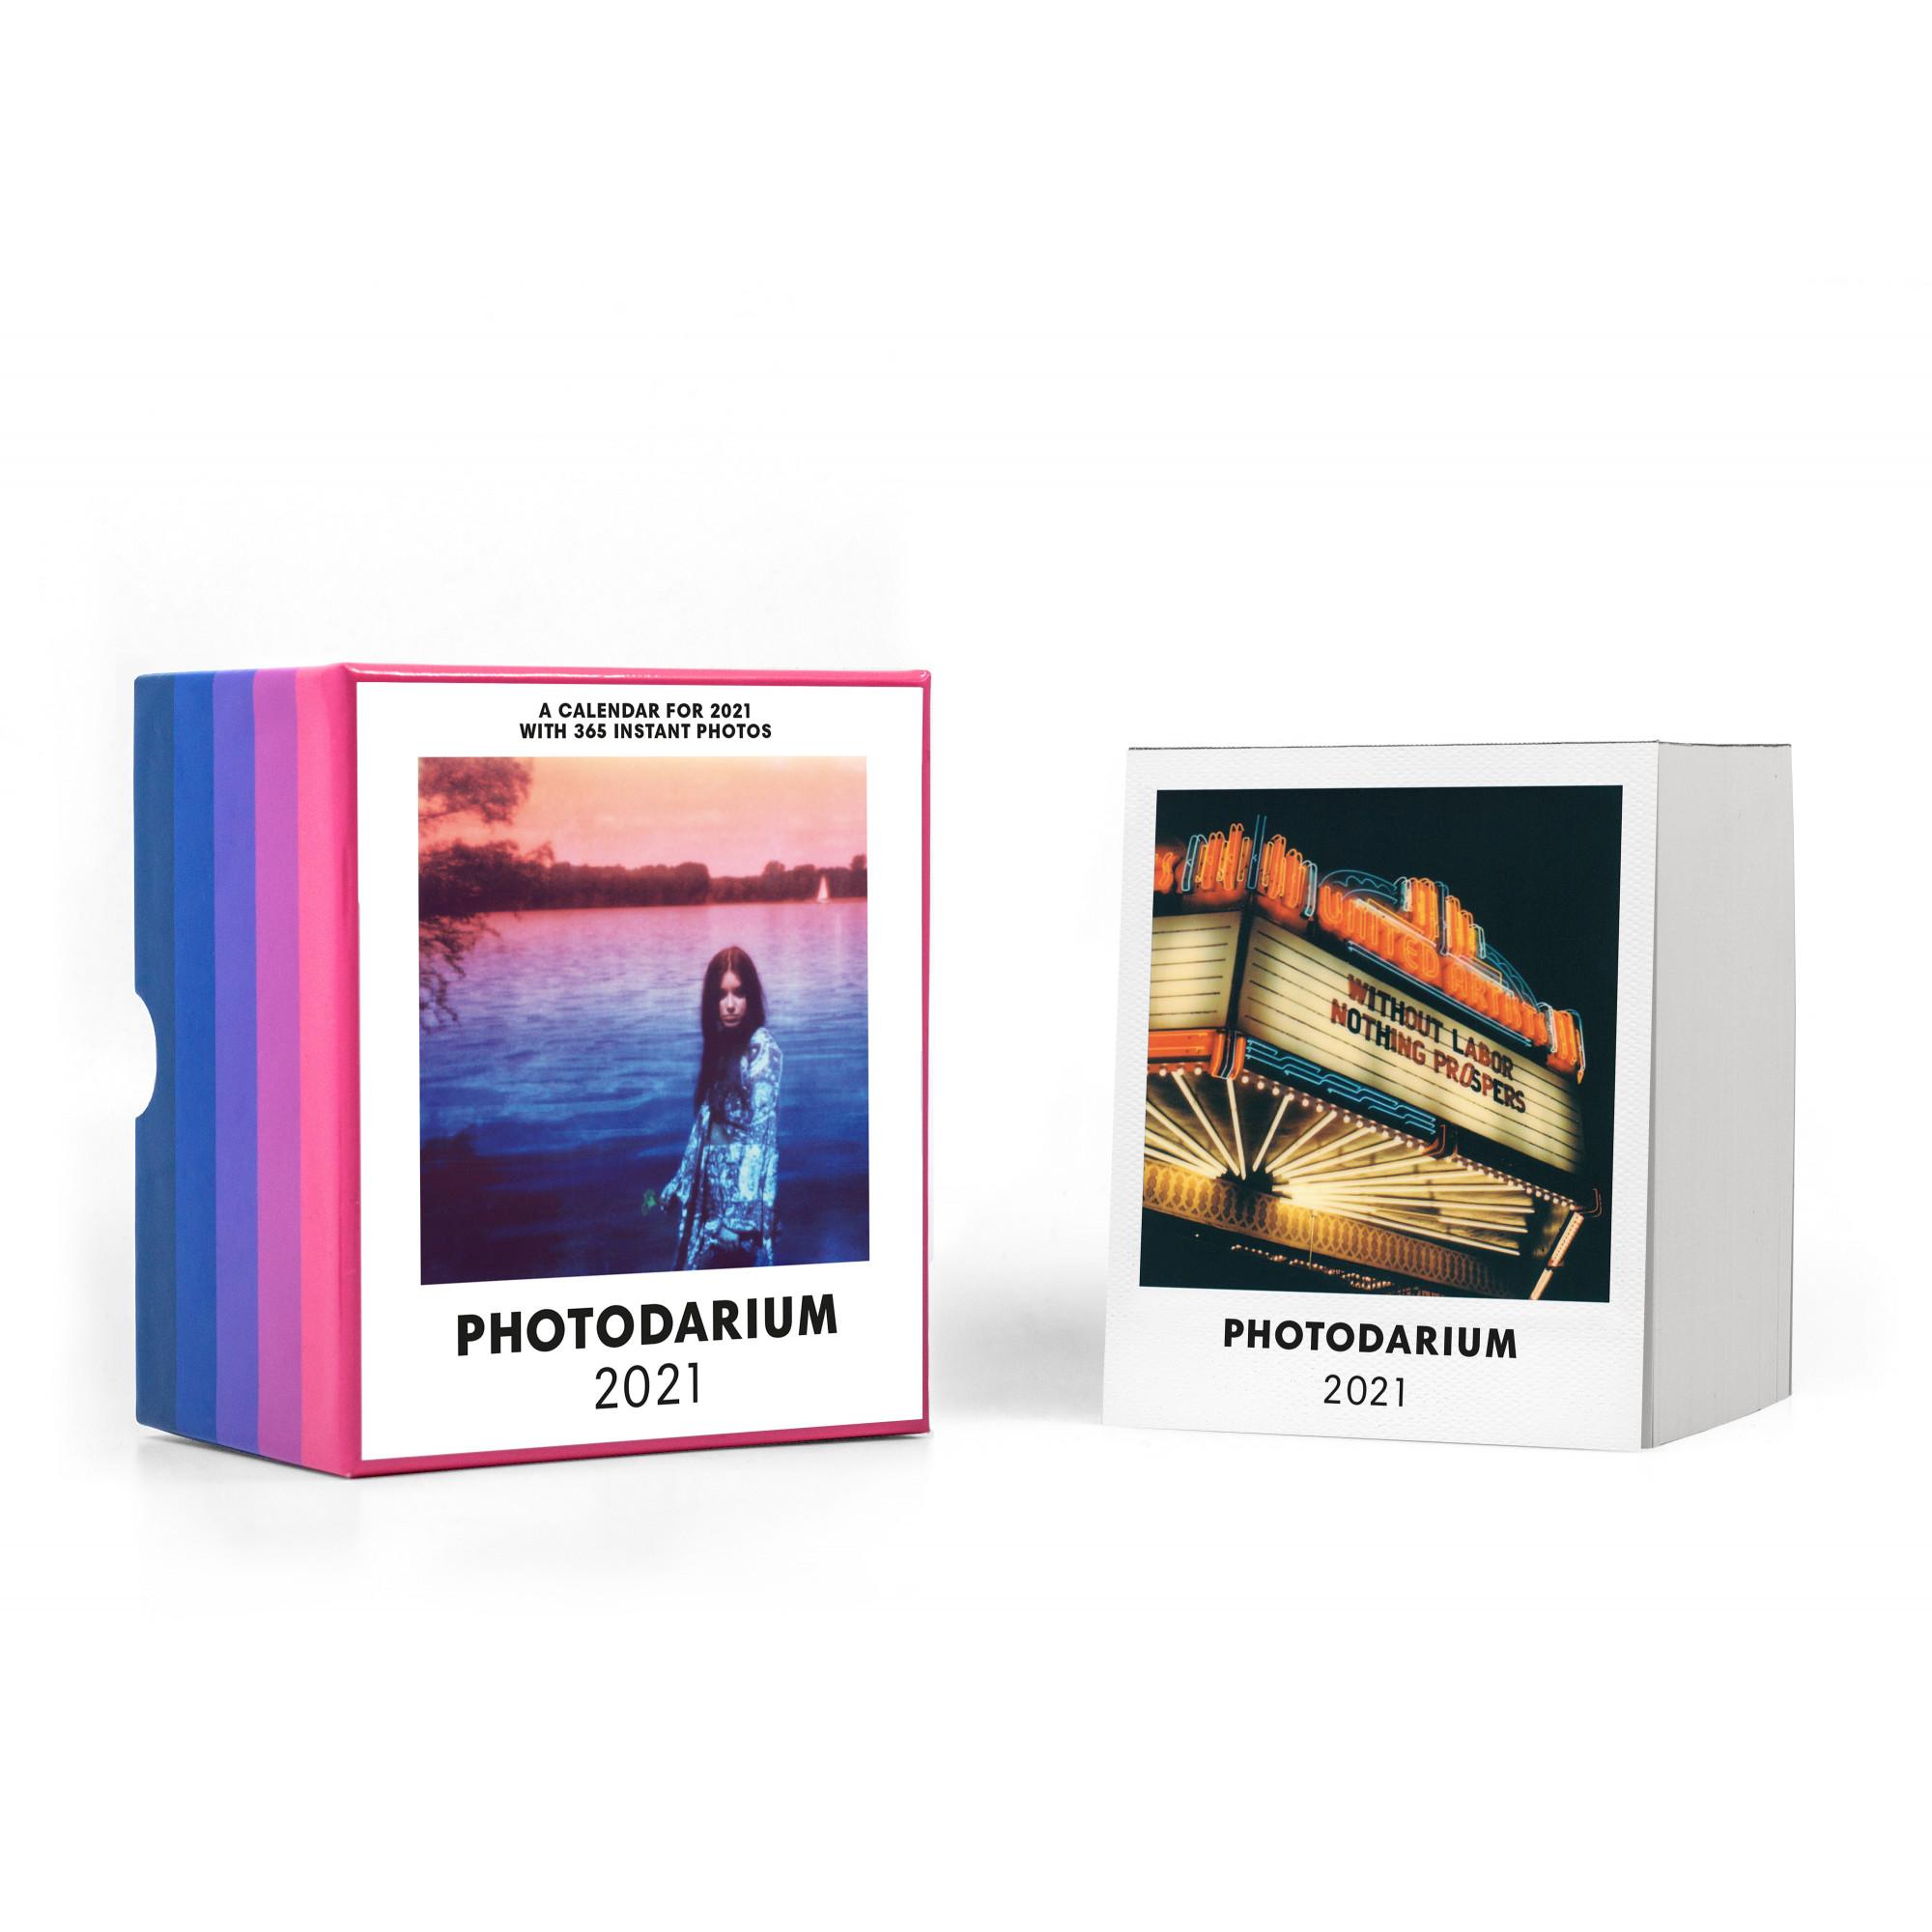 Polaroid-Kalender Photodarium 2021